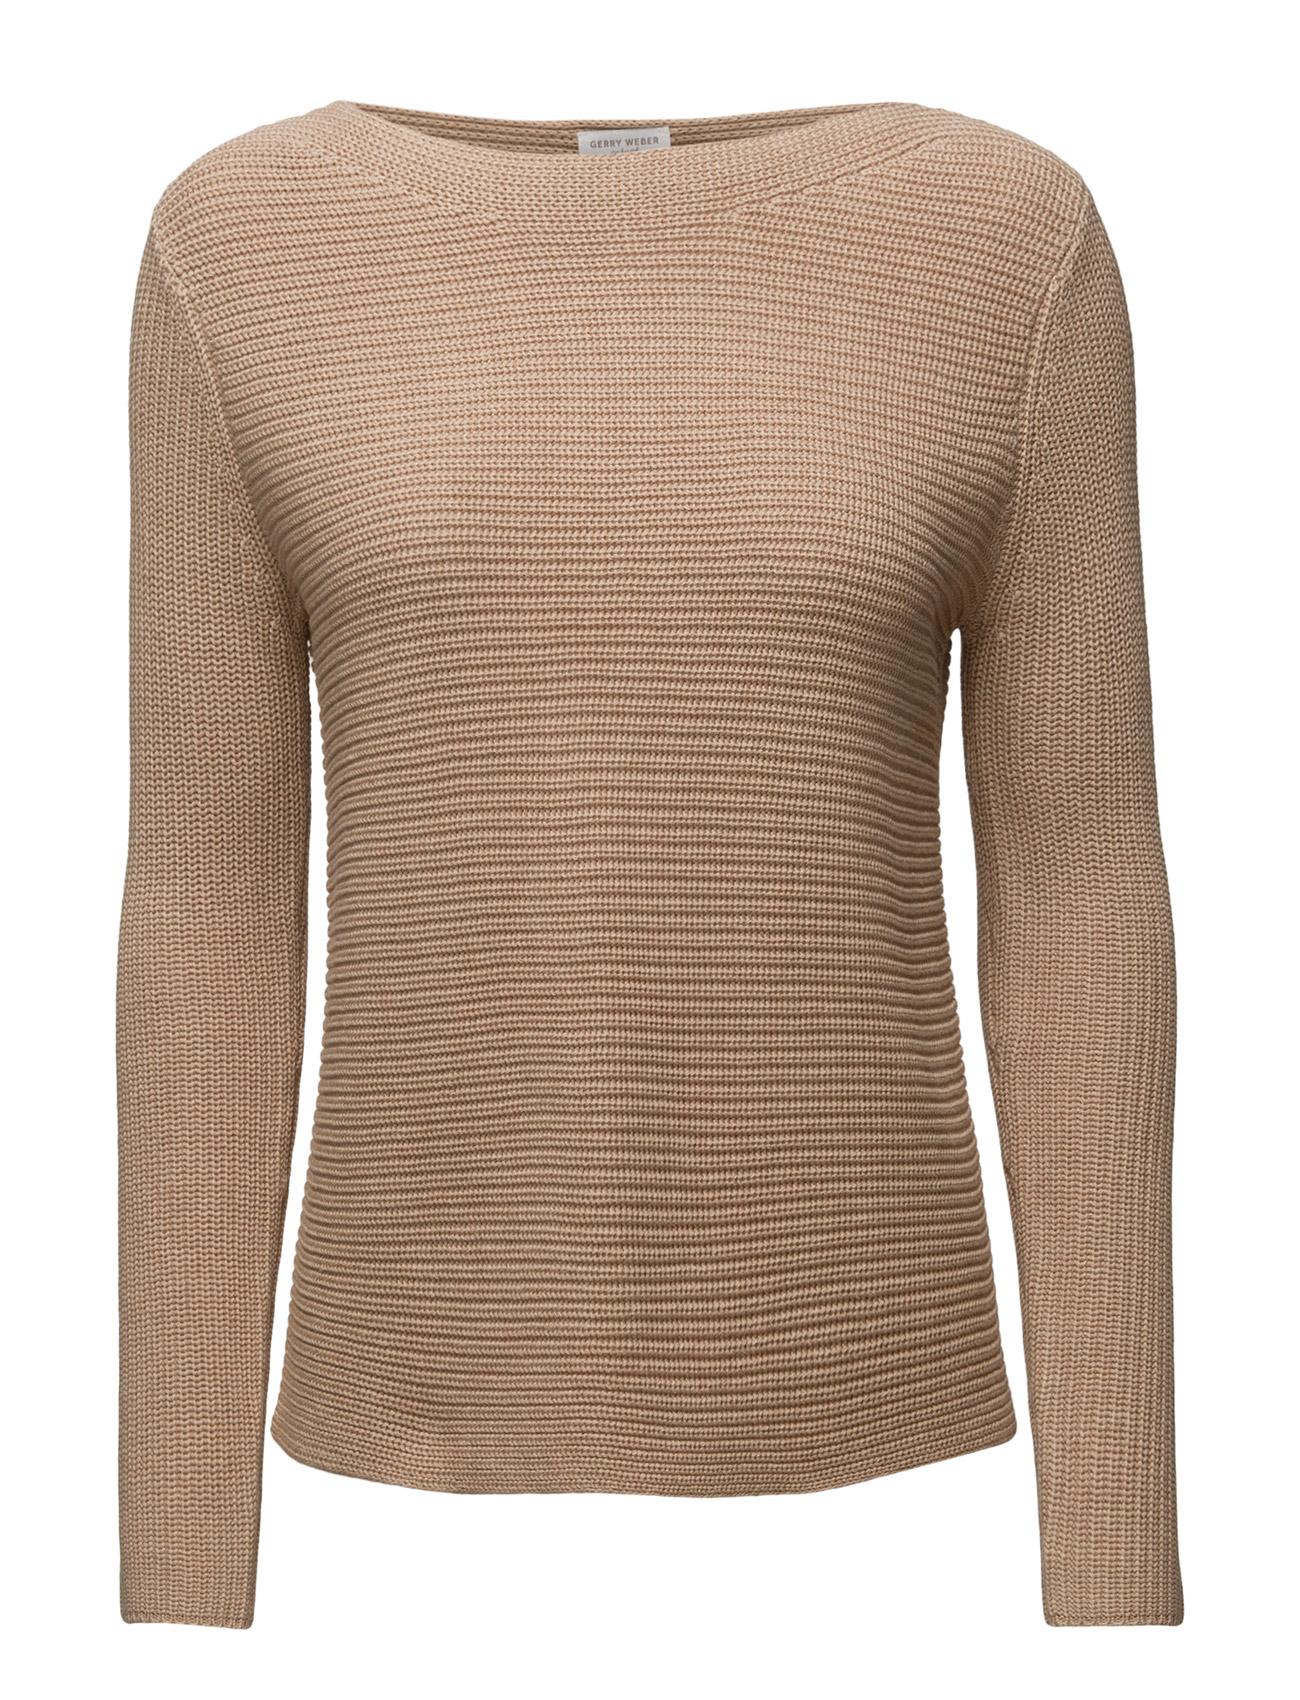 Pullover Long-Sleeve Gerry Weber Edition Sweatshirts til Kvinder i